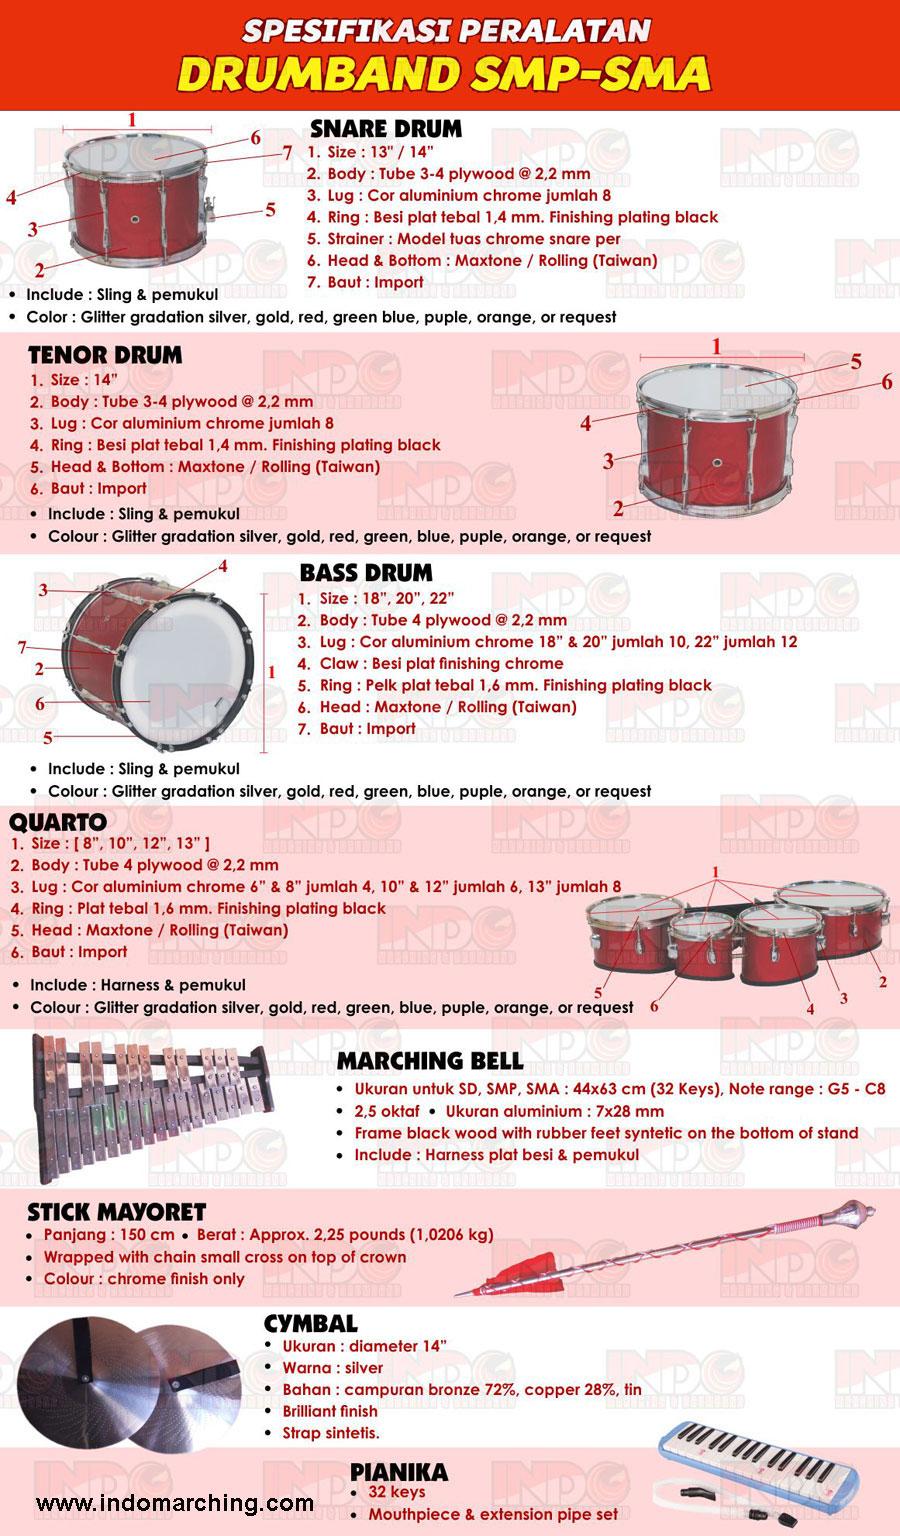 Alat Drumband SMP SMA